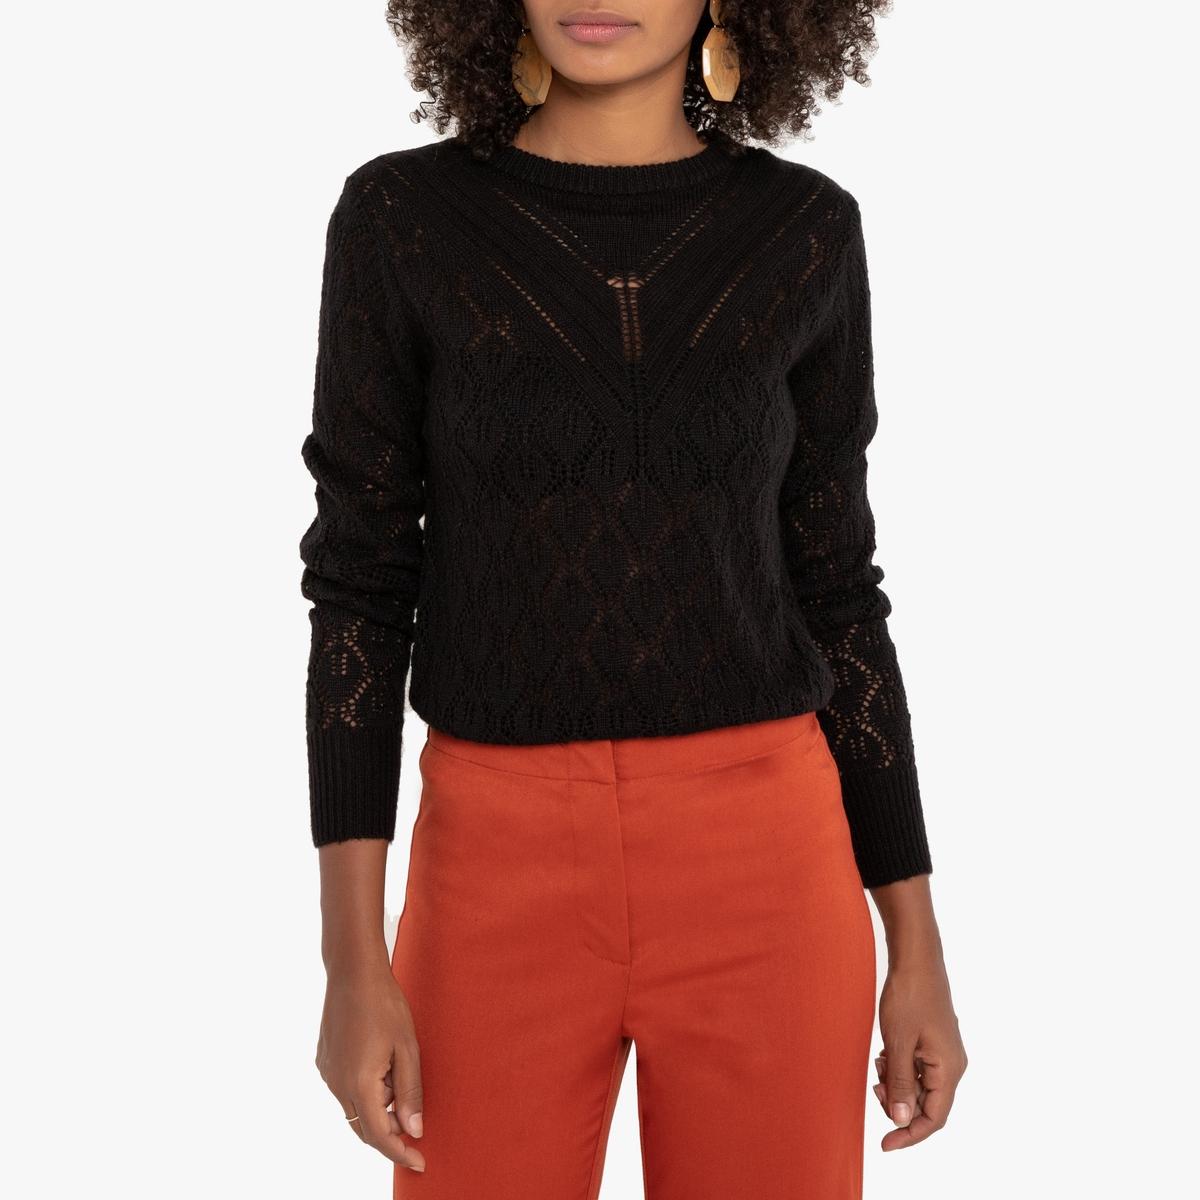 Ажурный La Redoute Пуловер с круглым вырезом S черный цена и фото